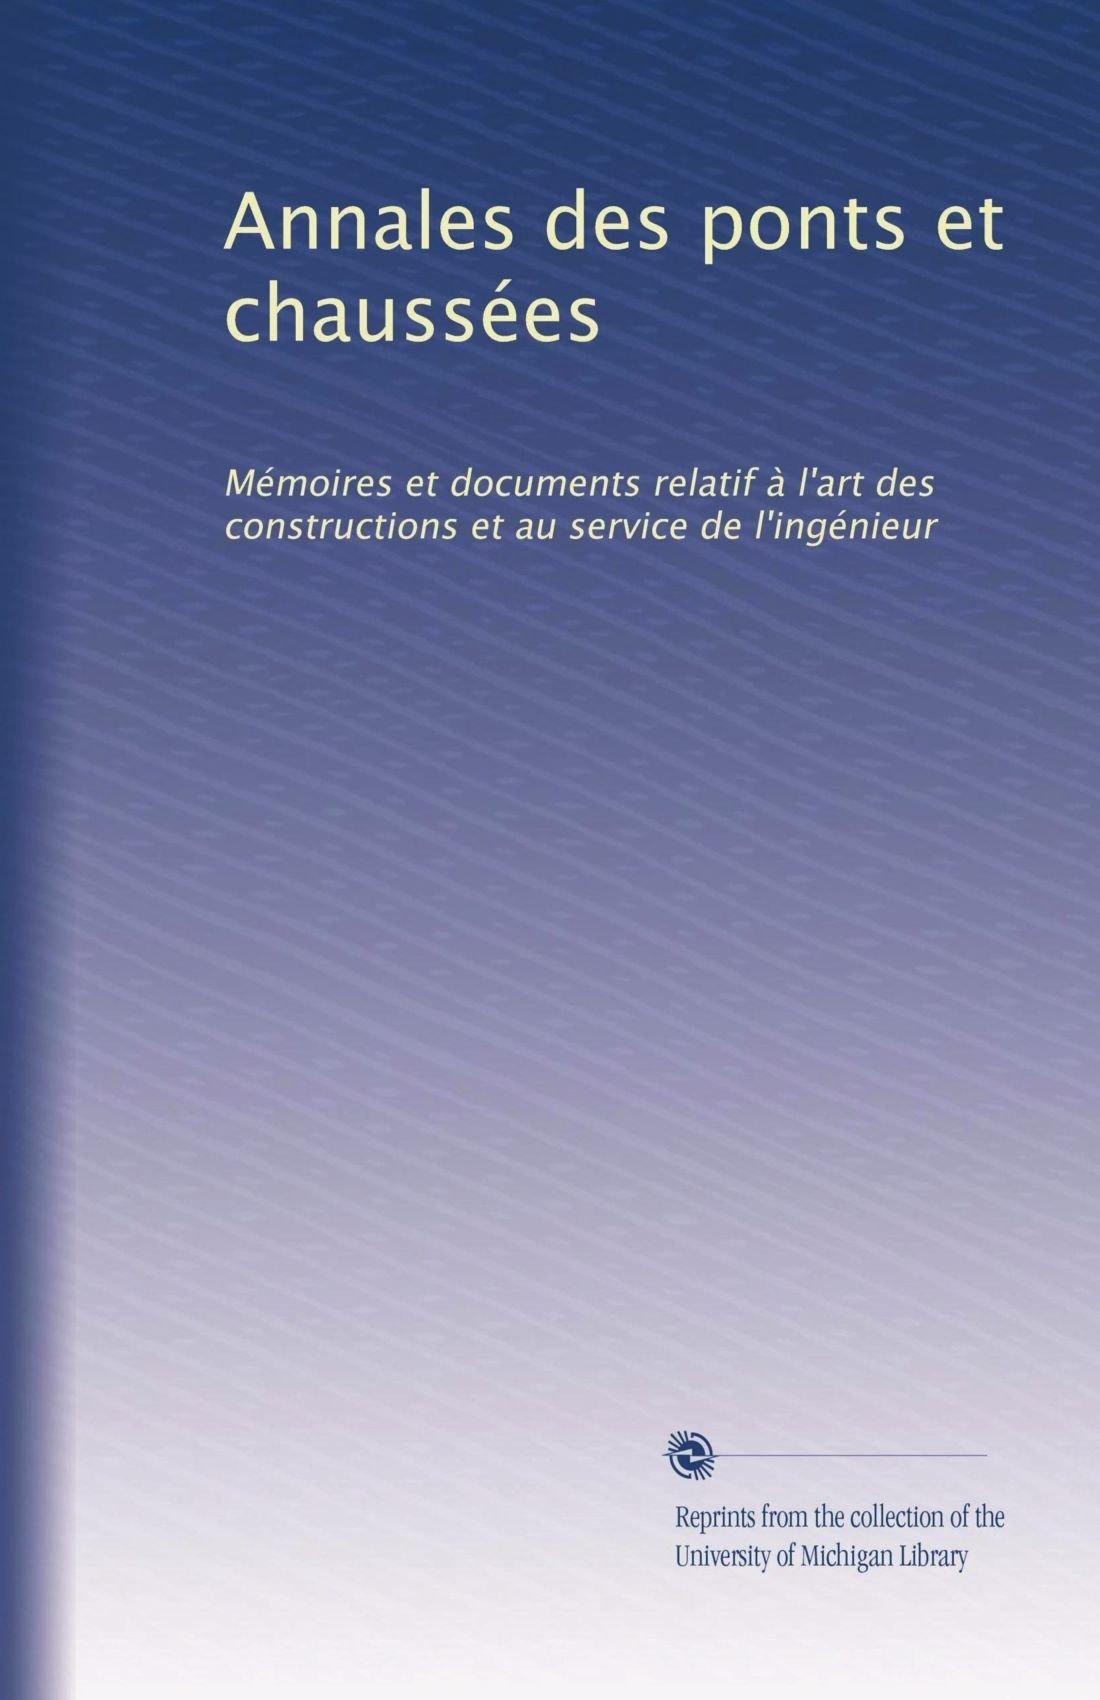 Download Annales des ponts et chaussées: Mémoires et documents relatif à l'art des constructions et au service de l'ingénieur (Volume 39) (French Edition) ebook